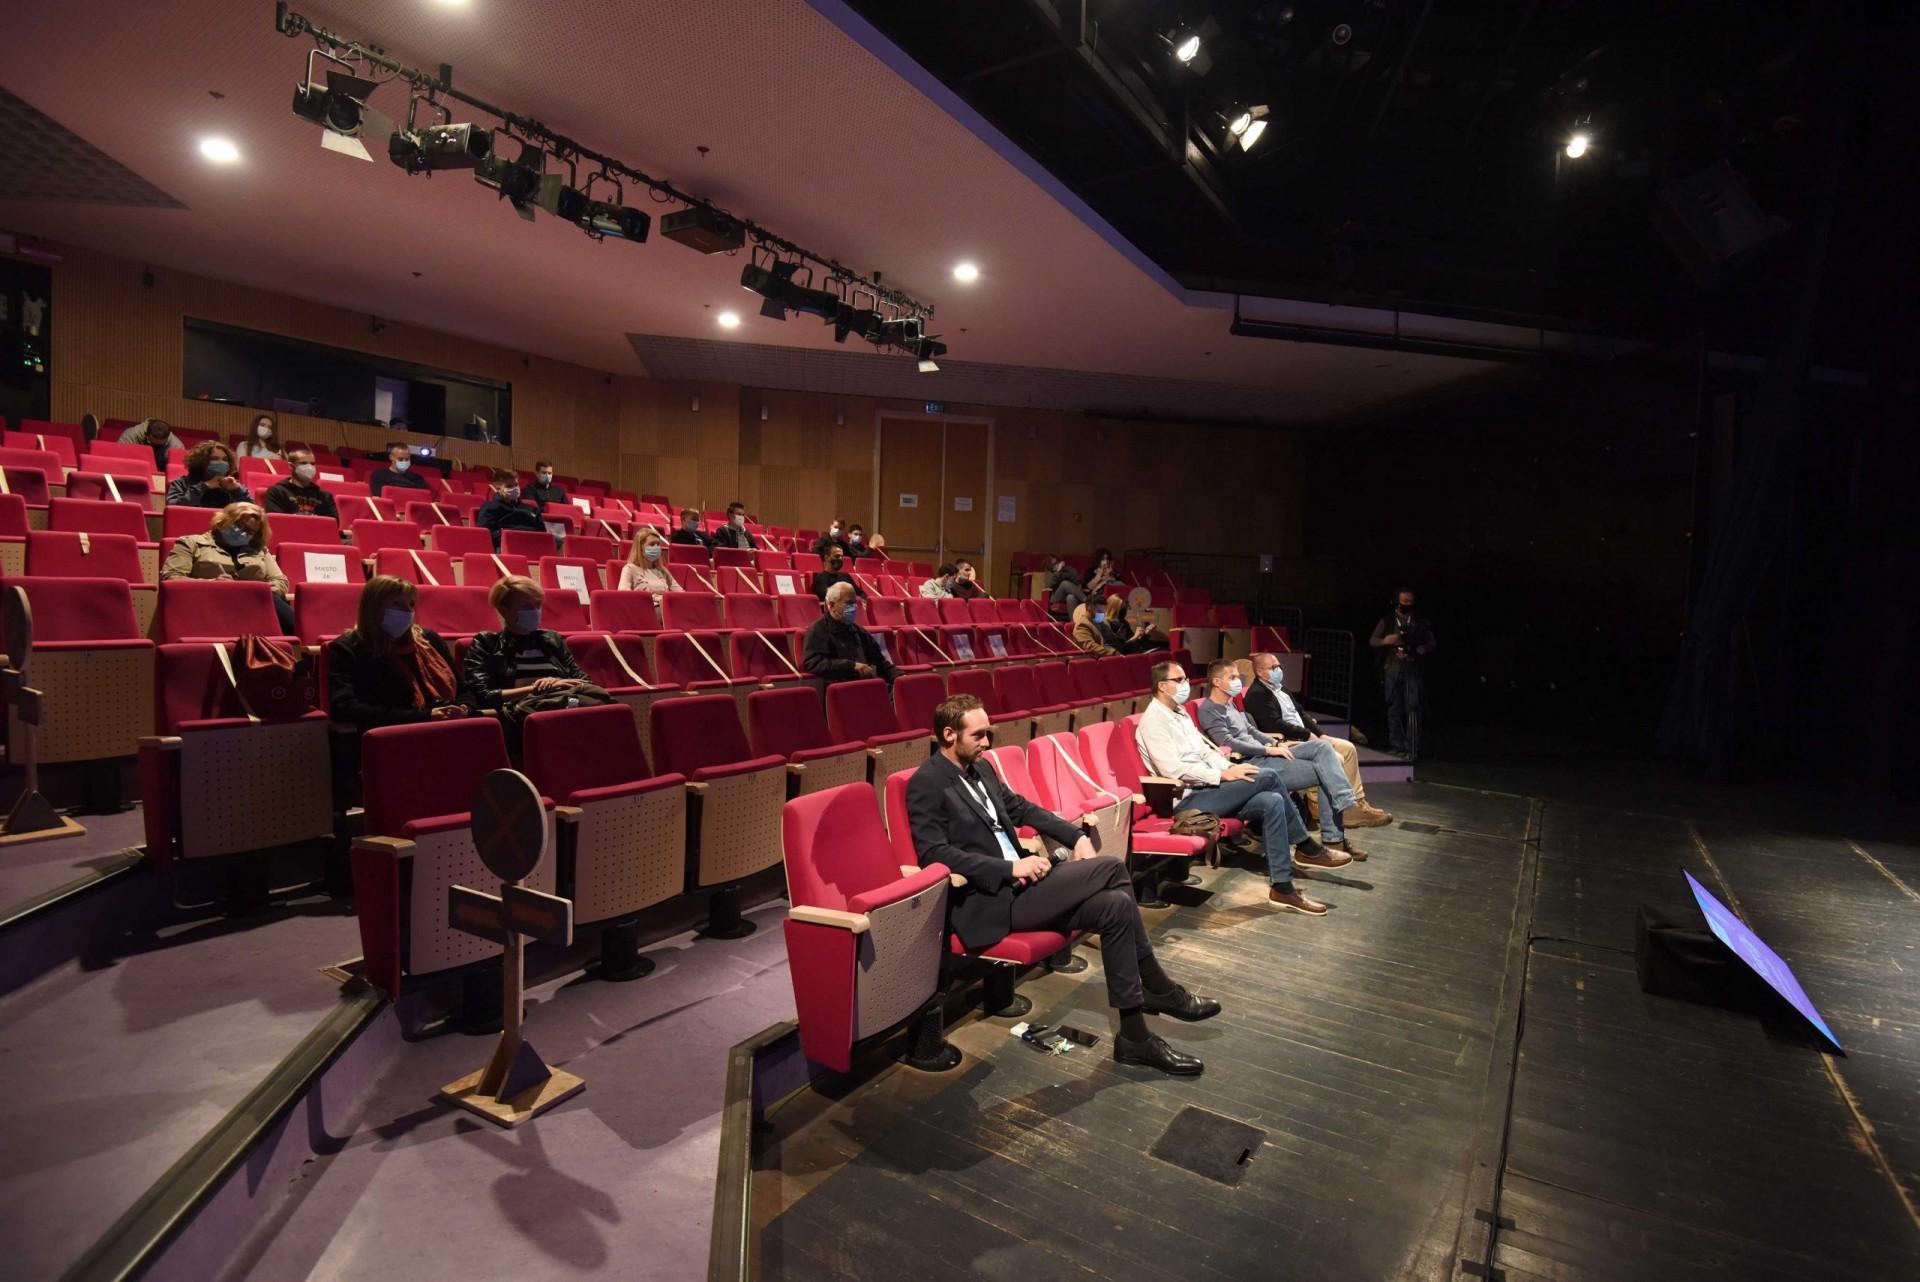 Dva tjedna od završetka, My Smart City konferencija i dalje plijeni pozornost nacionalnih medija